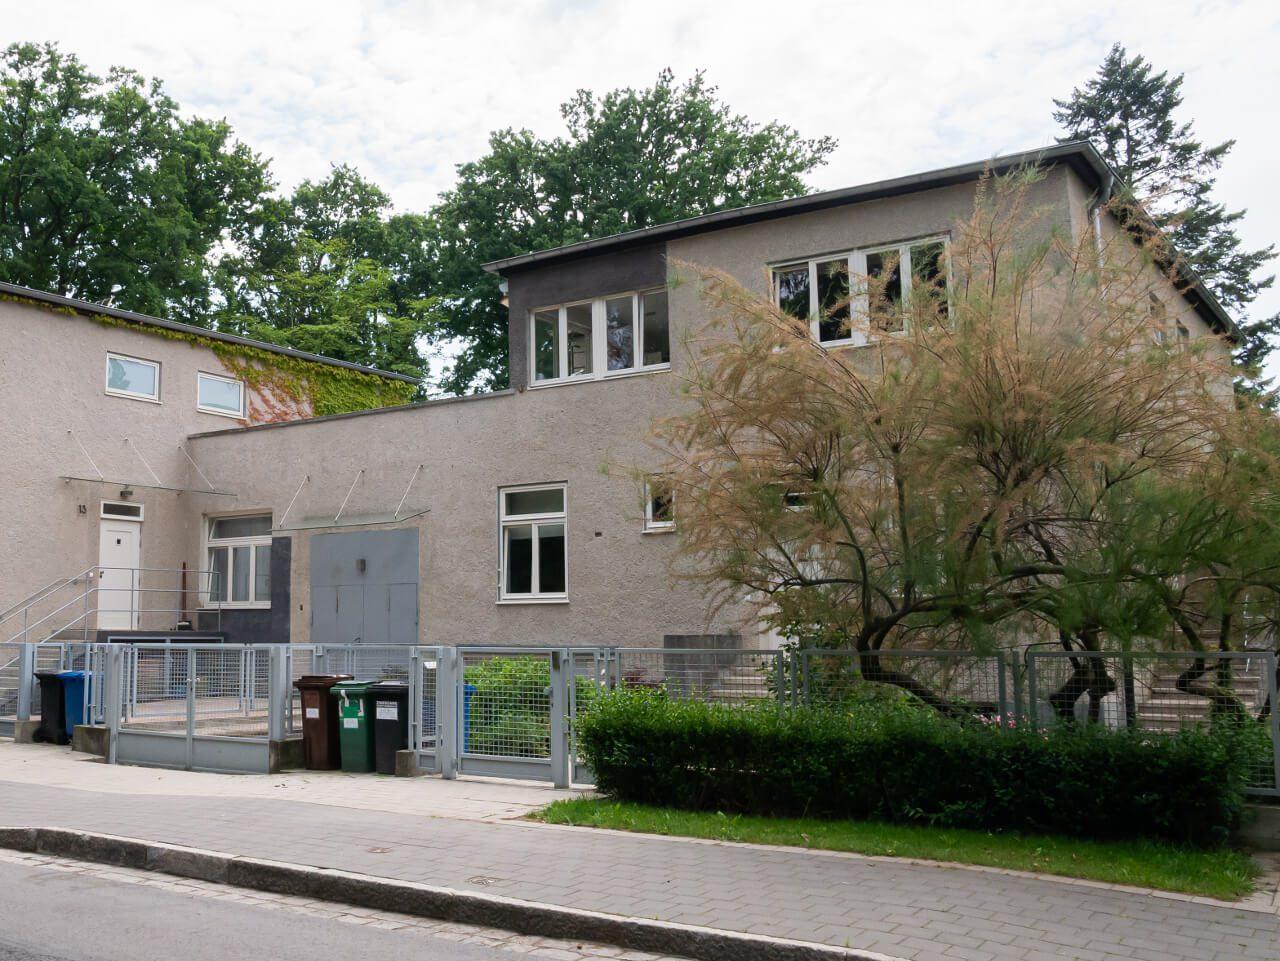 dom dwurodzinny nr 27/28 wuwa wrocław